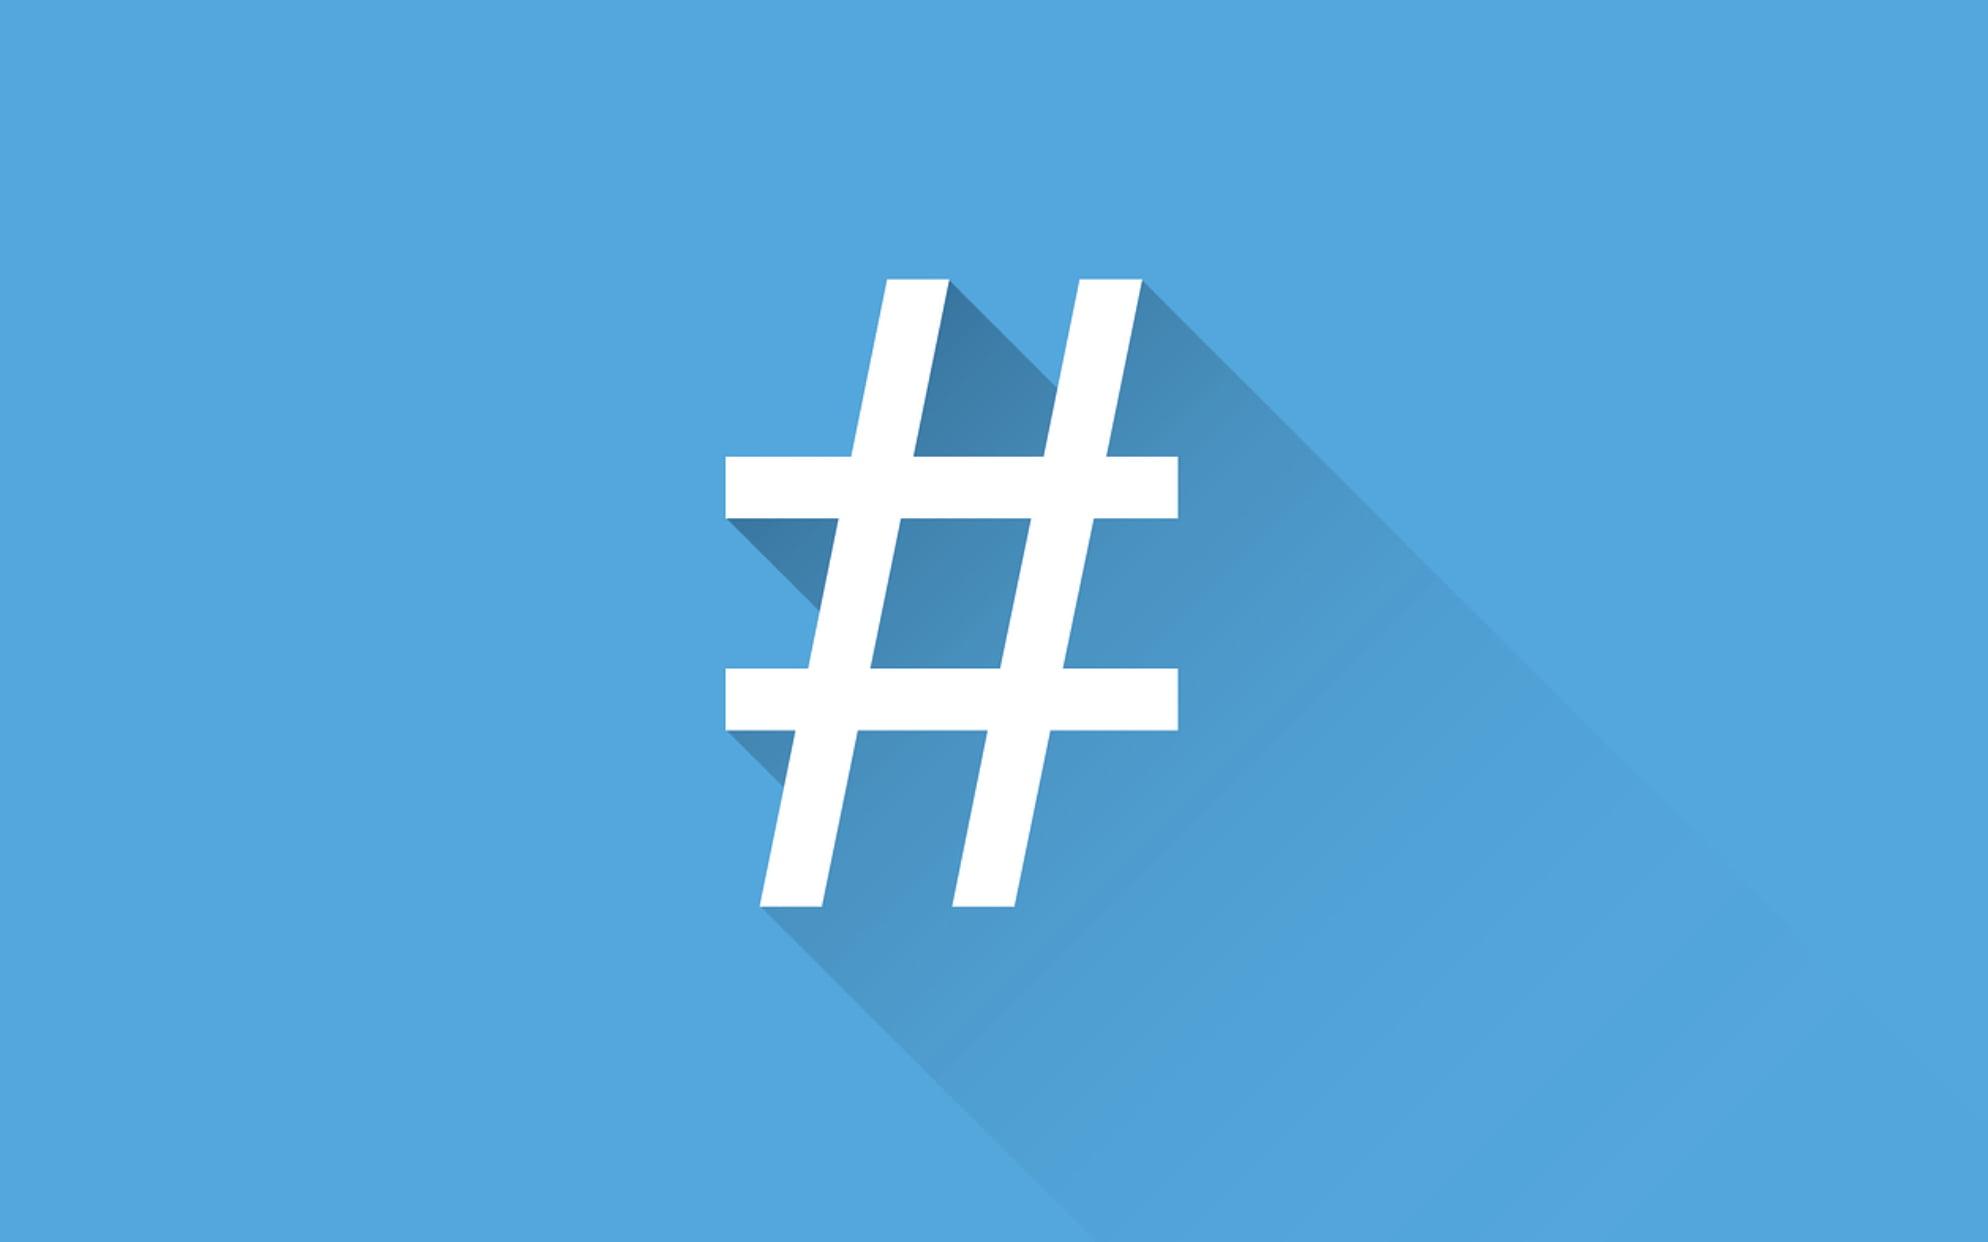 hashtag-attenzione-insegnamento-personalizzato